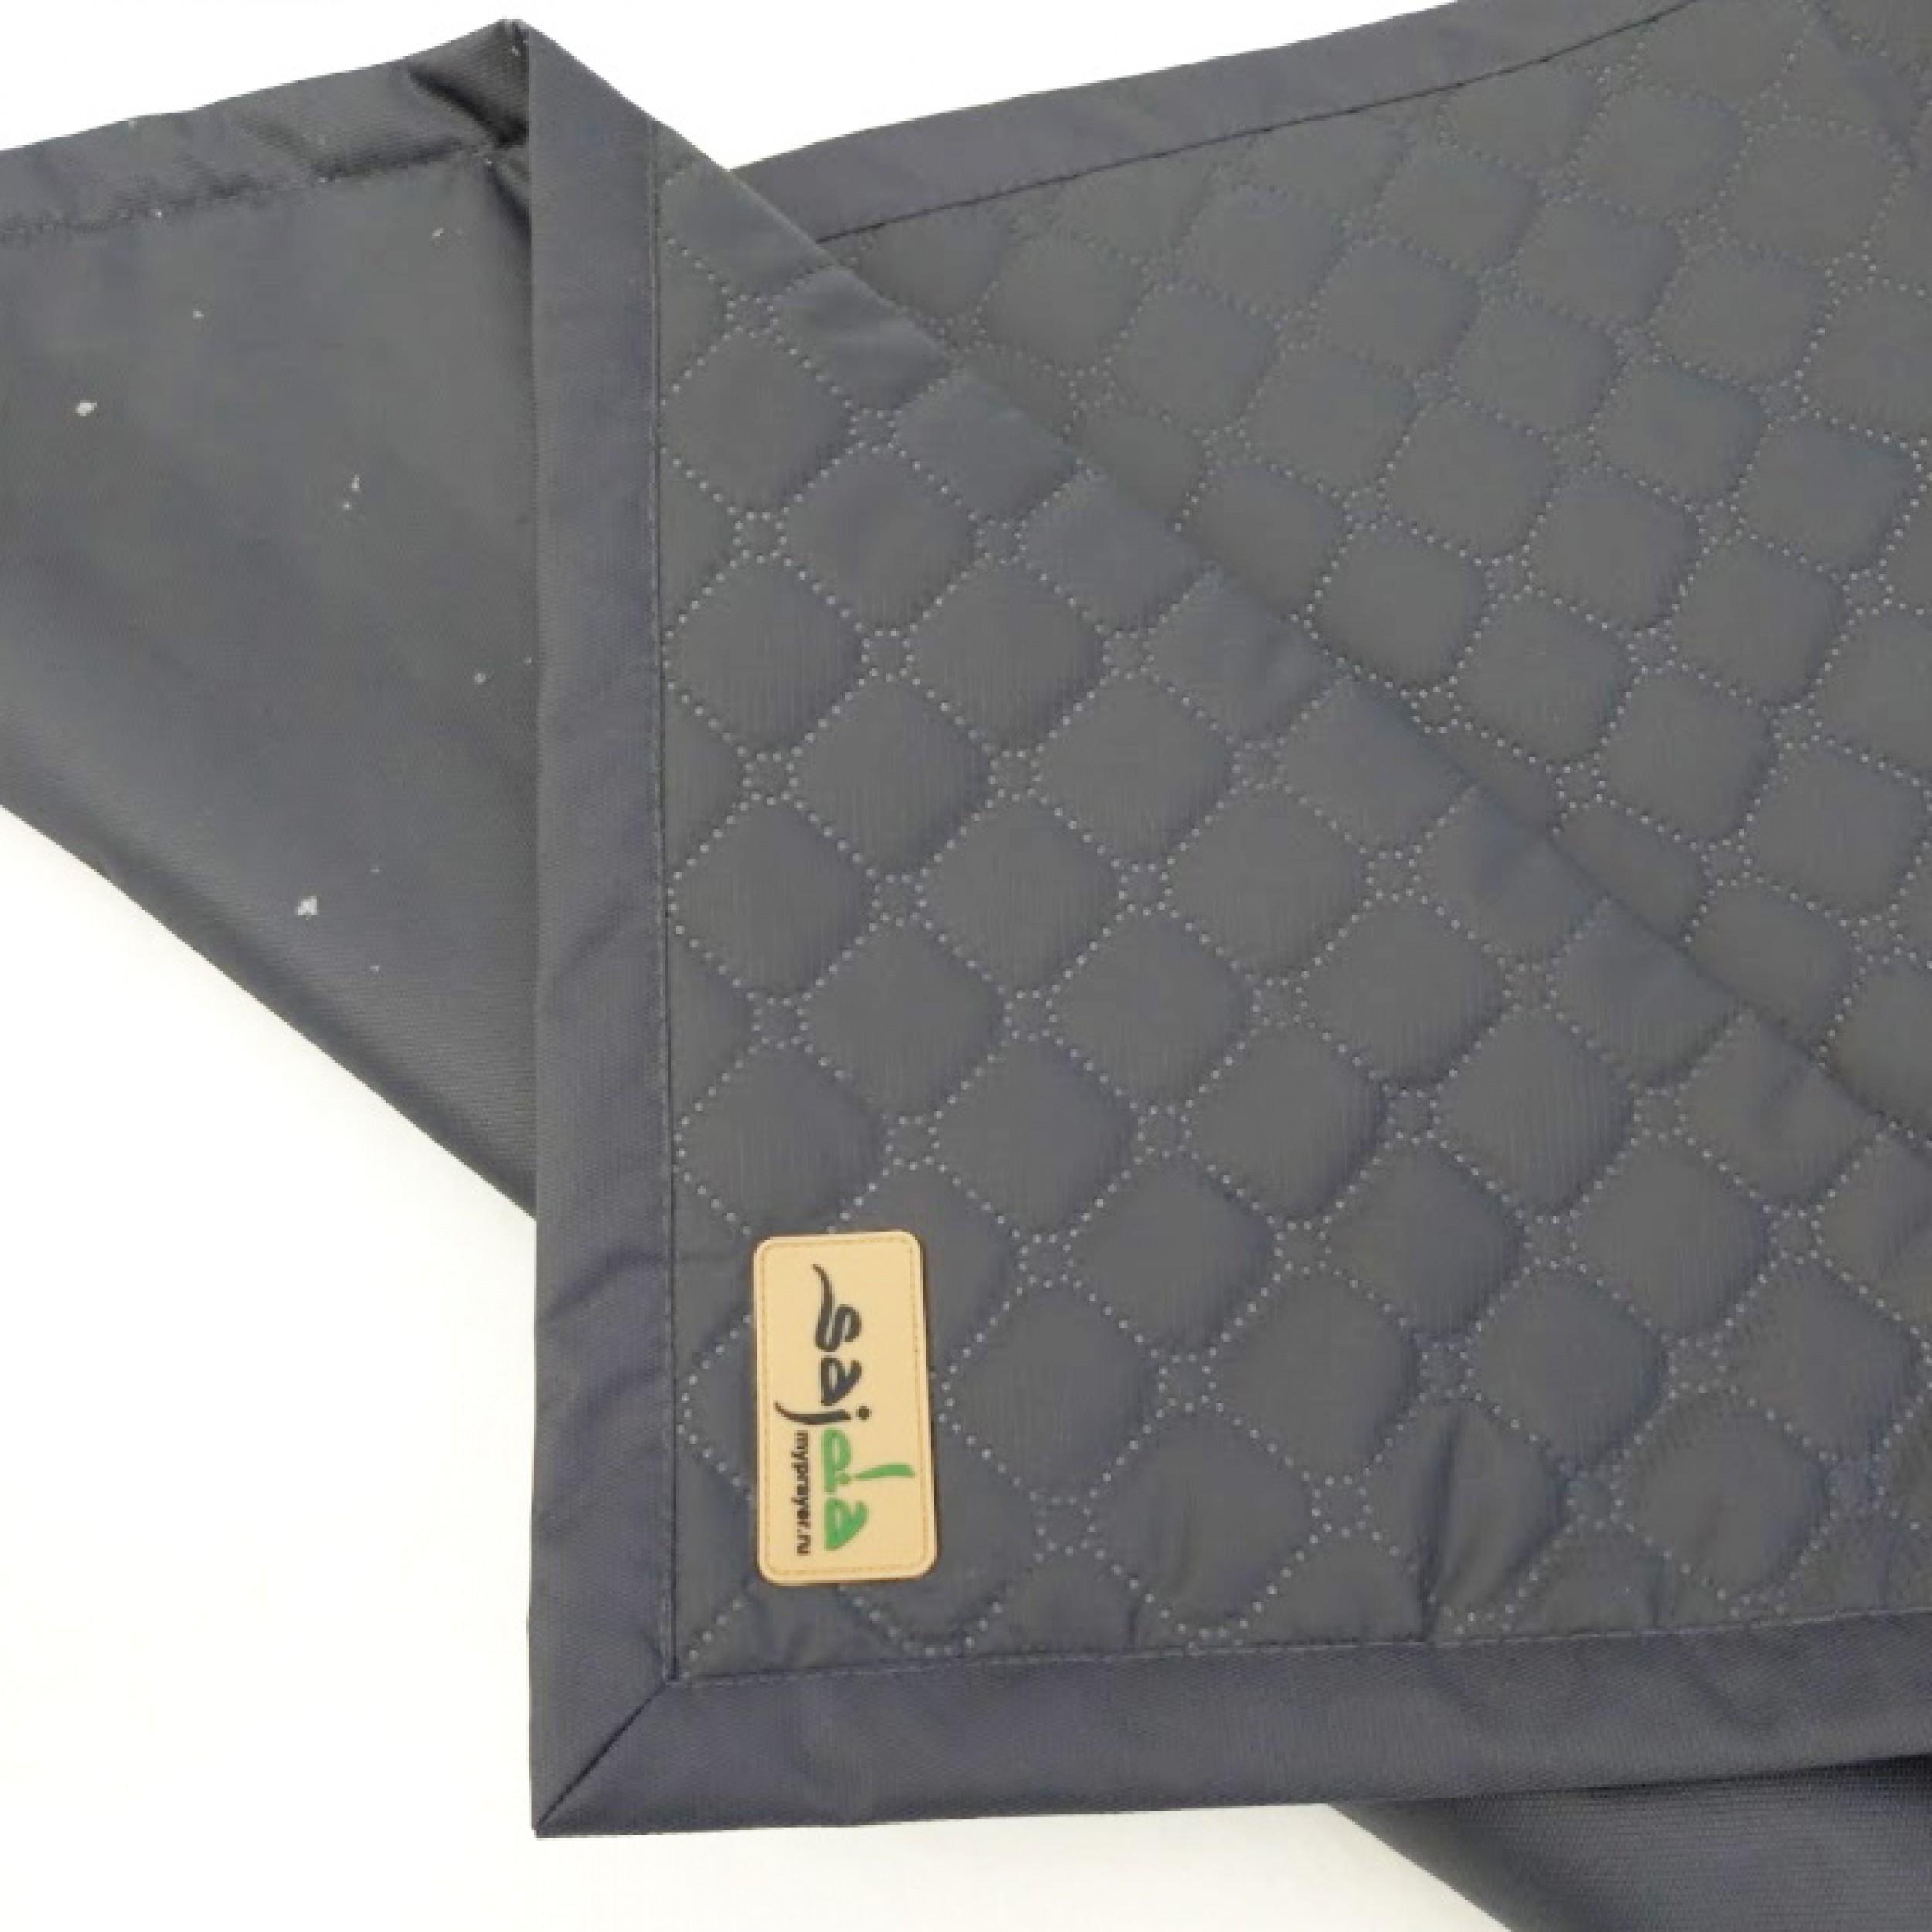 Графитово-серый непромокаемый коврик для намаза (размер 120x62)